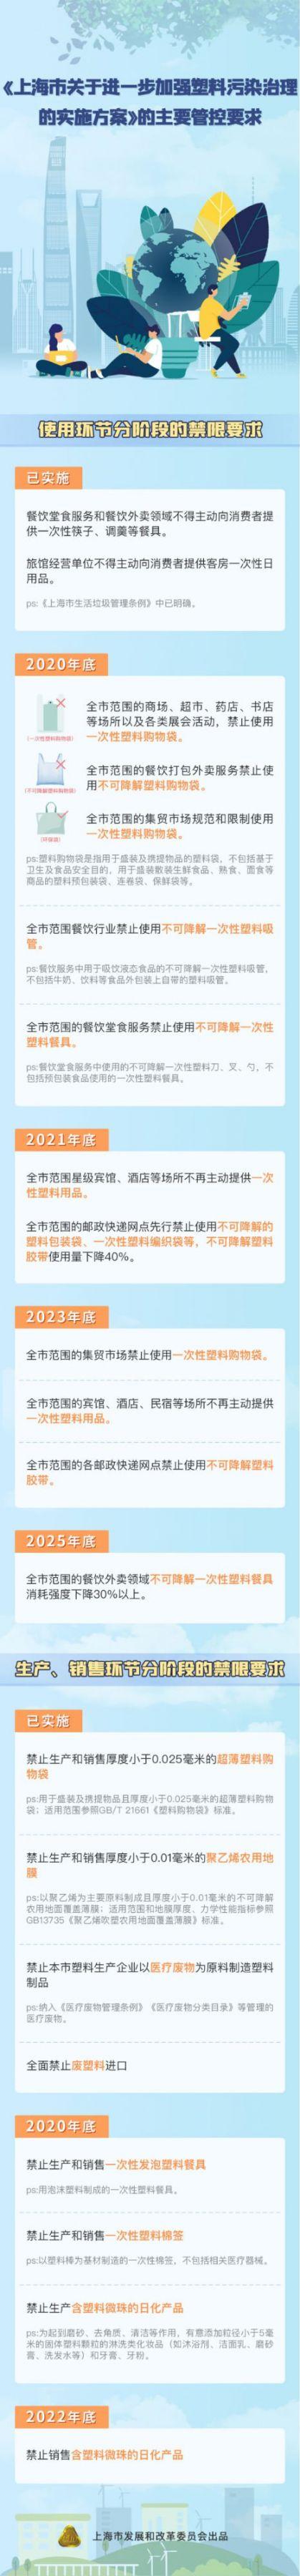 上海塑料污染治理再出新政 (附详情及图解)